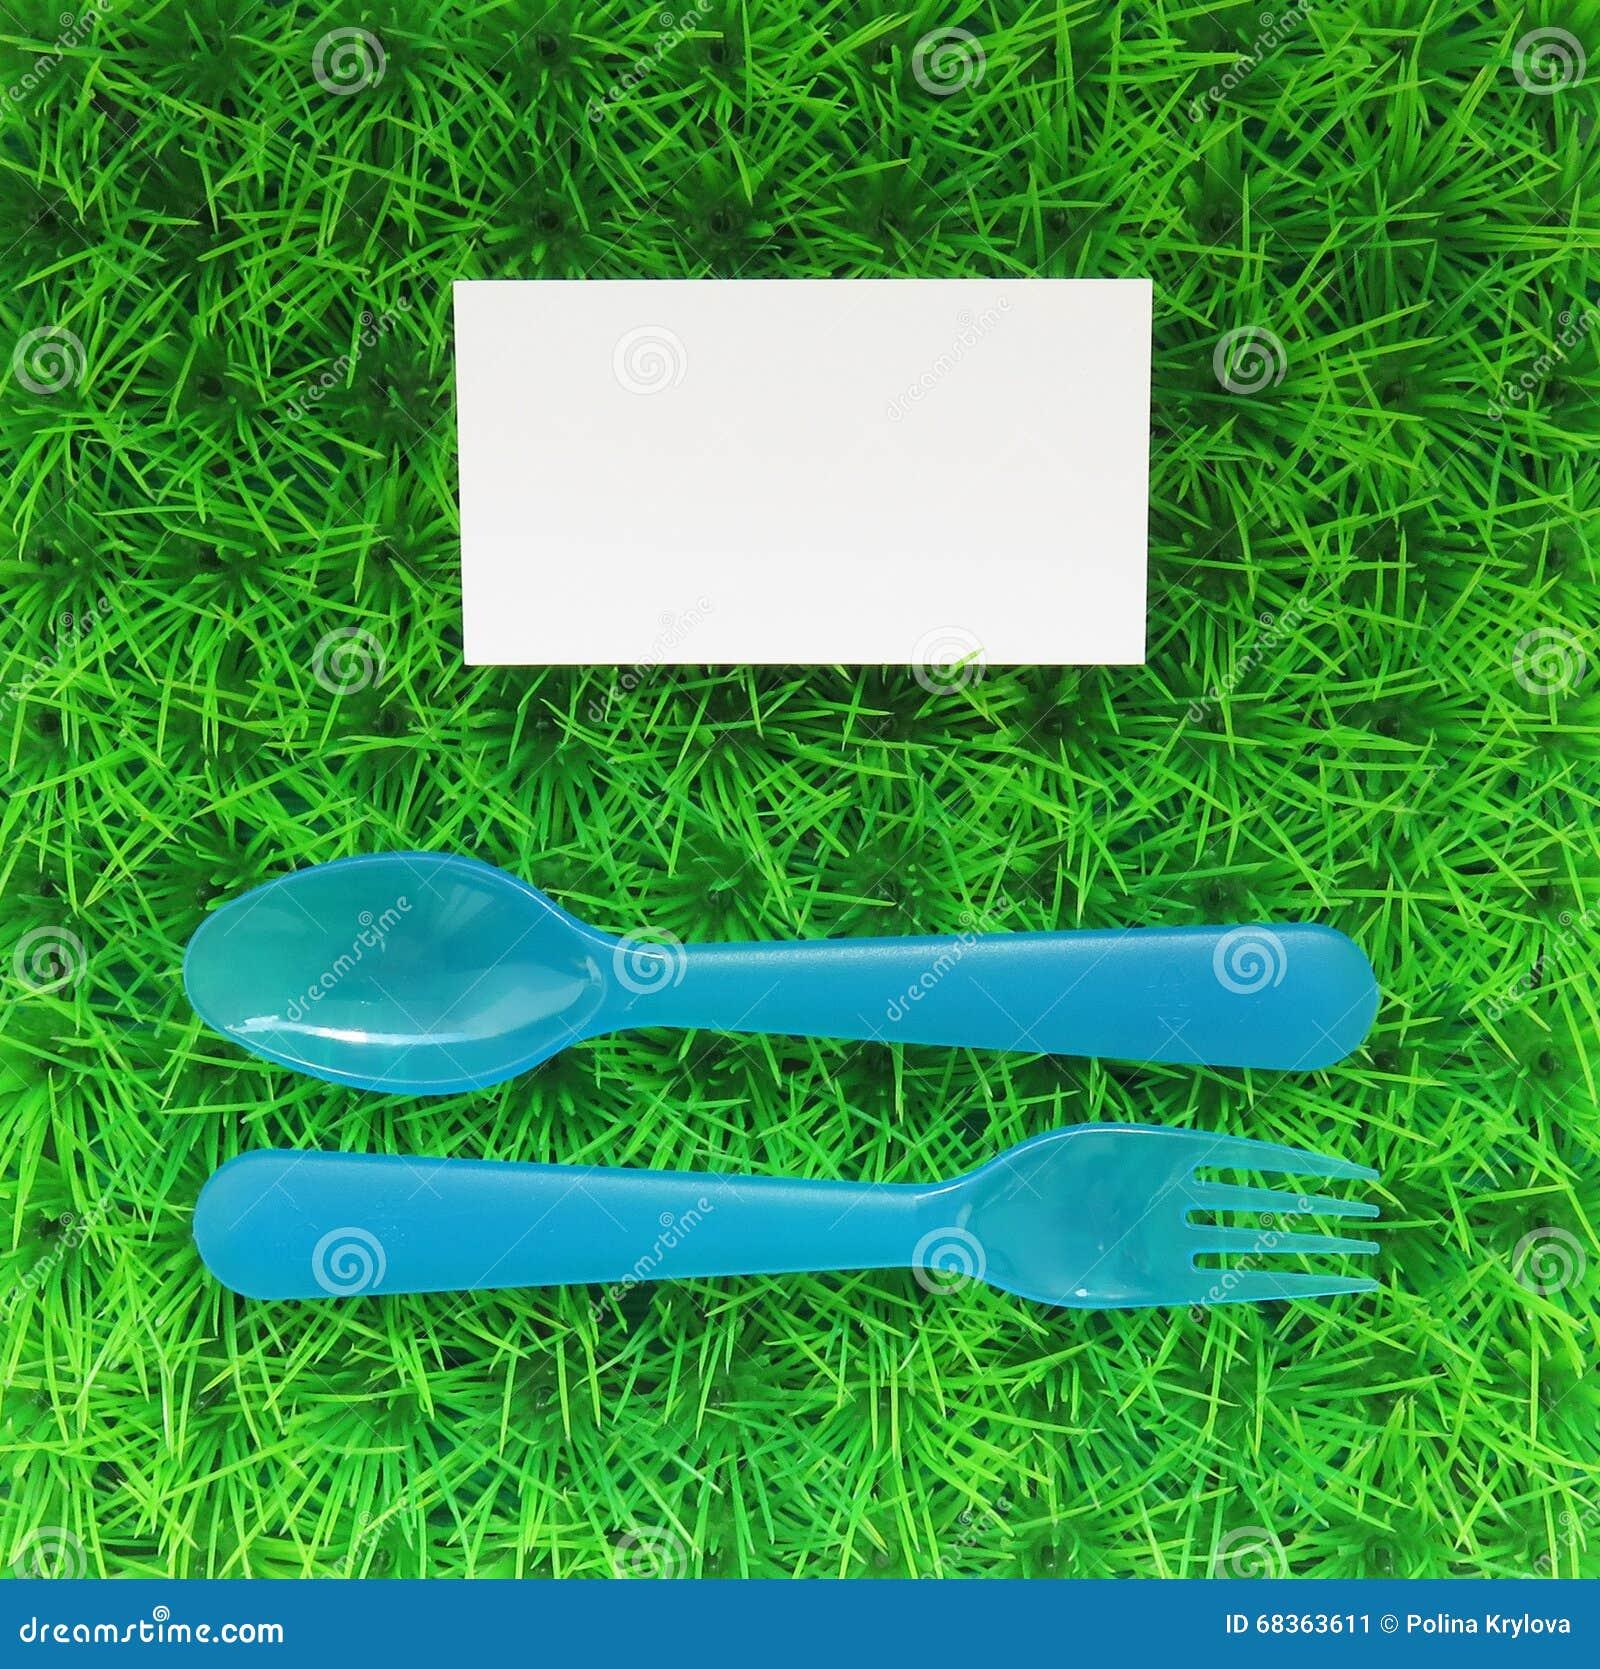 Download La Fourchette Et Cuillre En Plastique Sur Une Pelouse Verte Avec Carte De